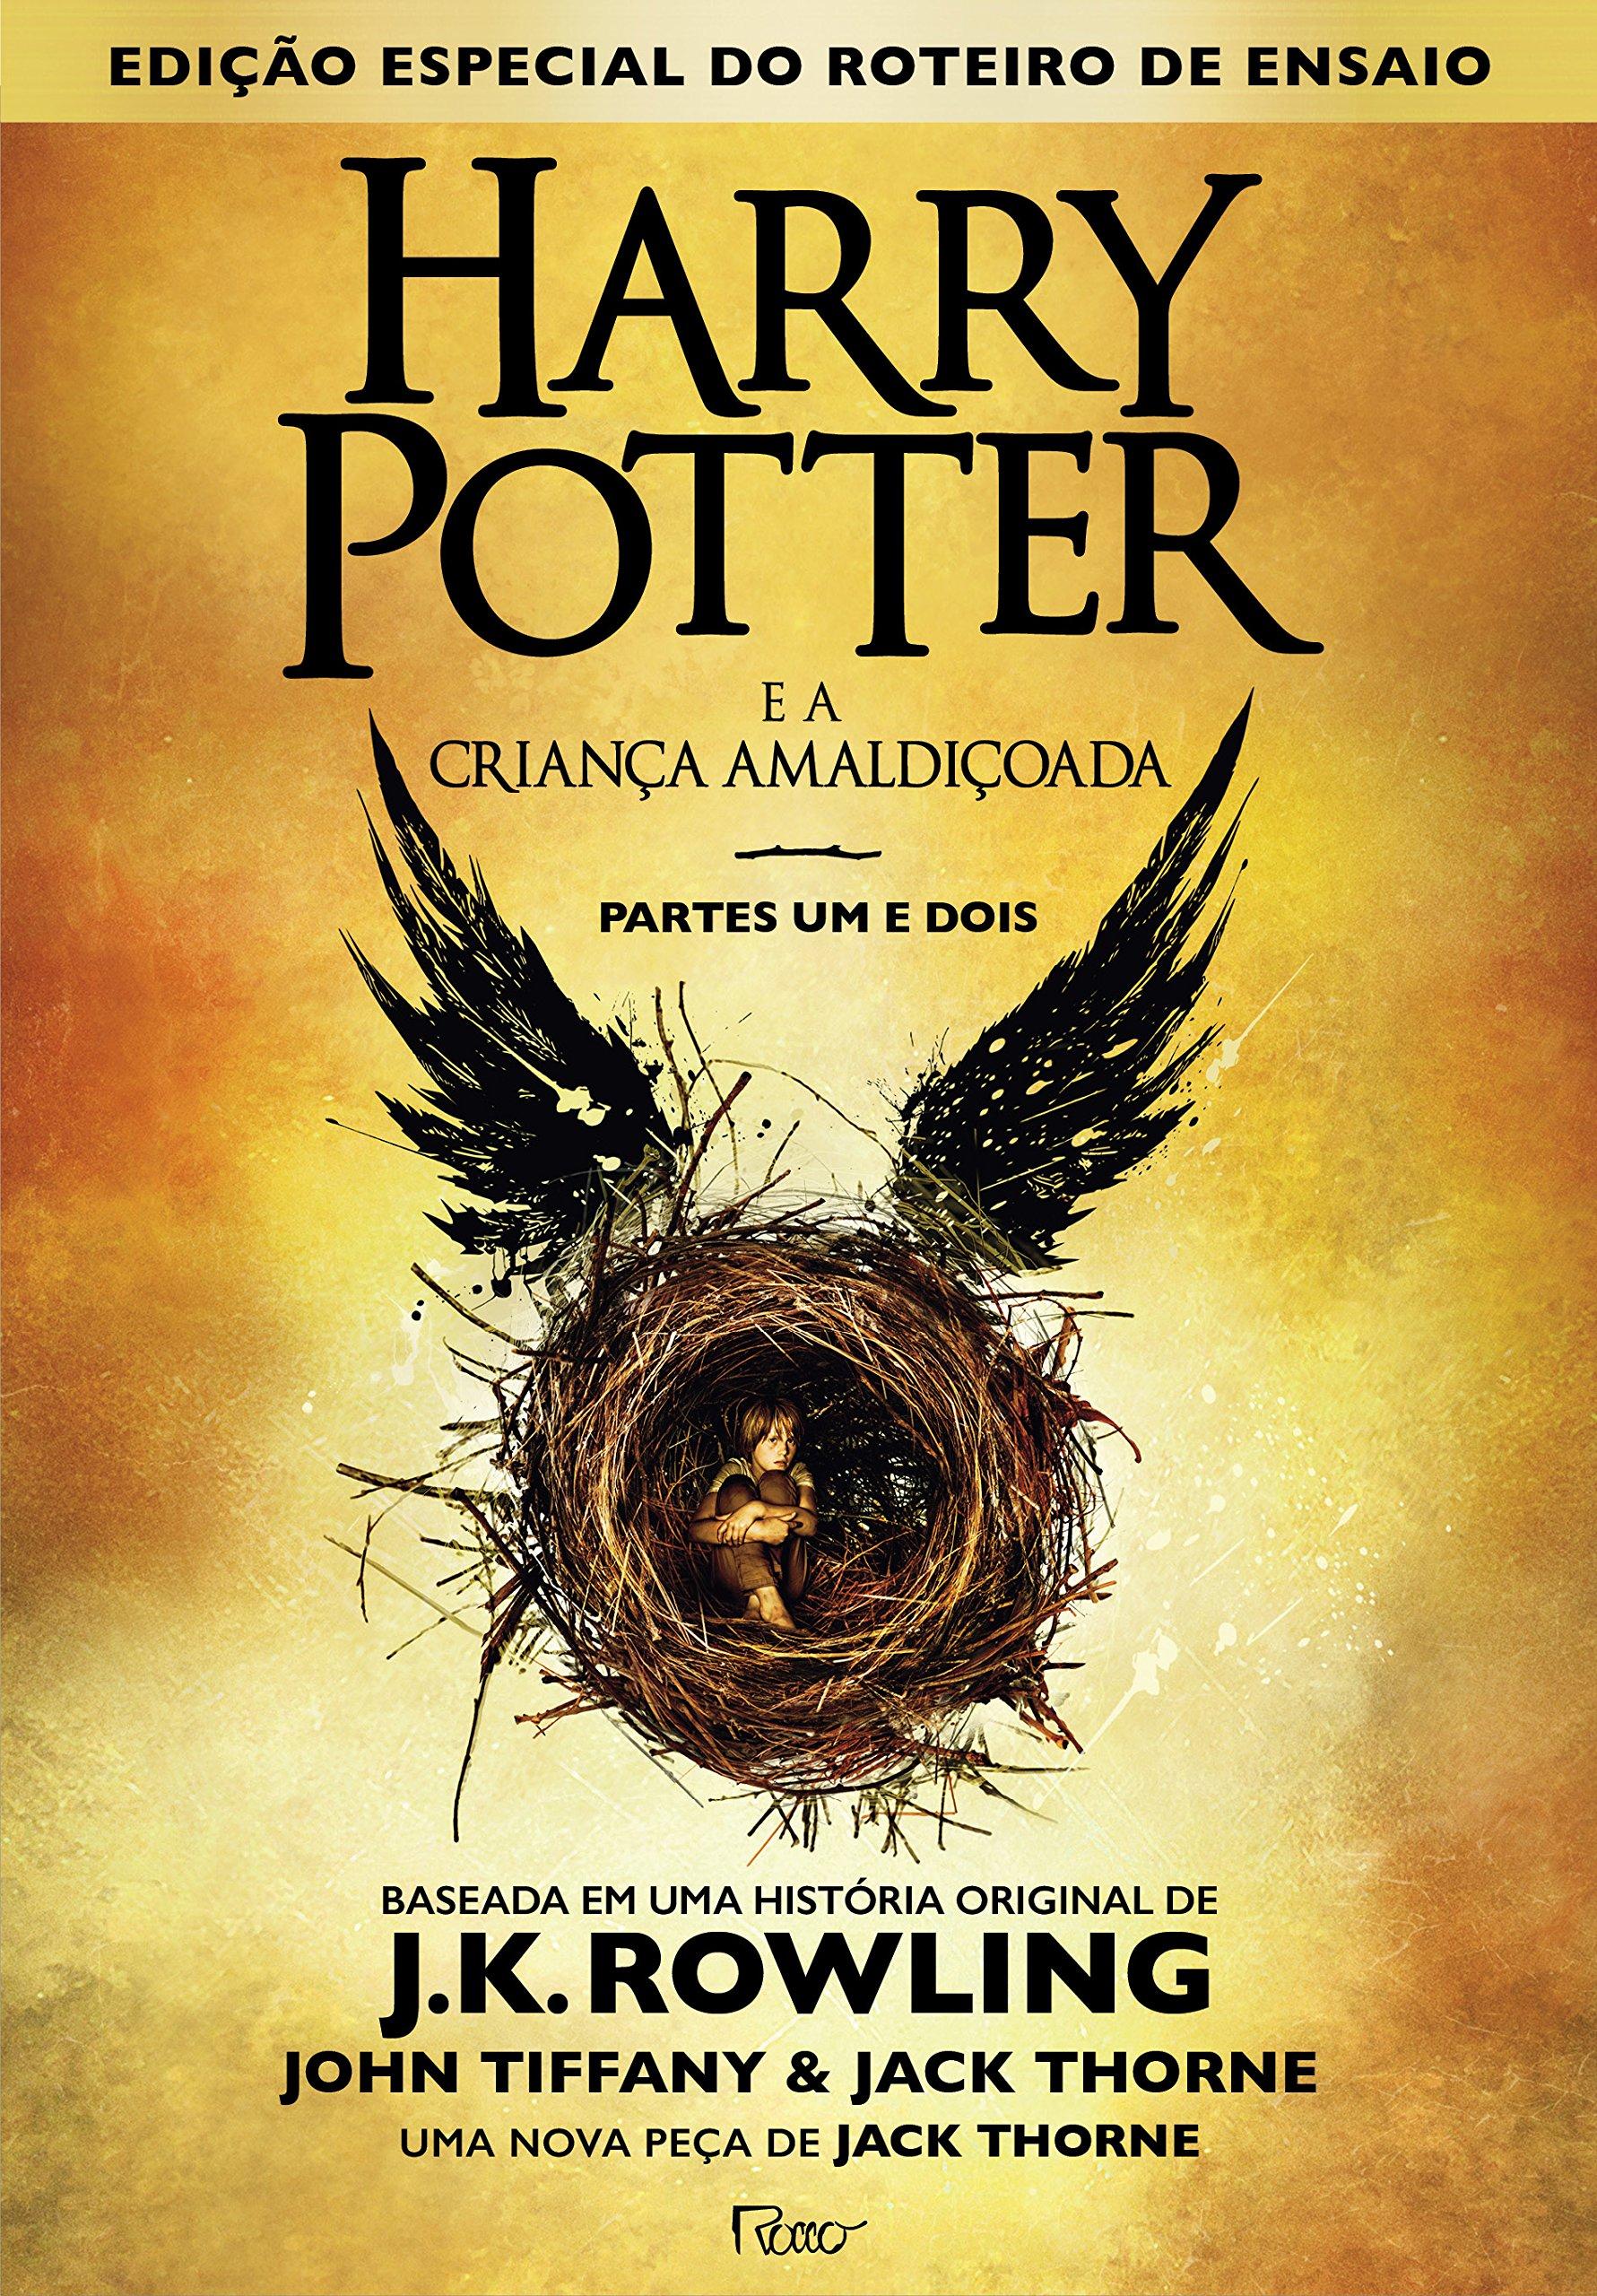 Resenha - Harry Potter e a Criança Amaldiçoada